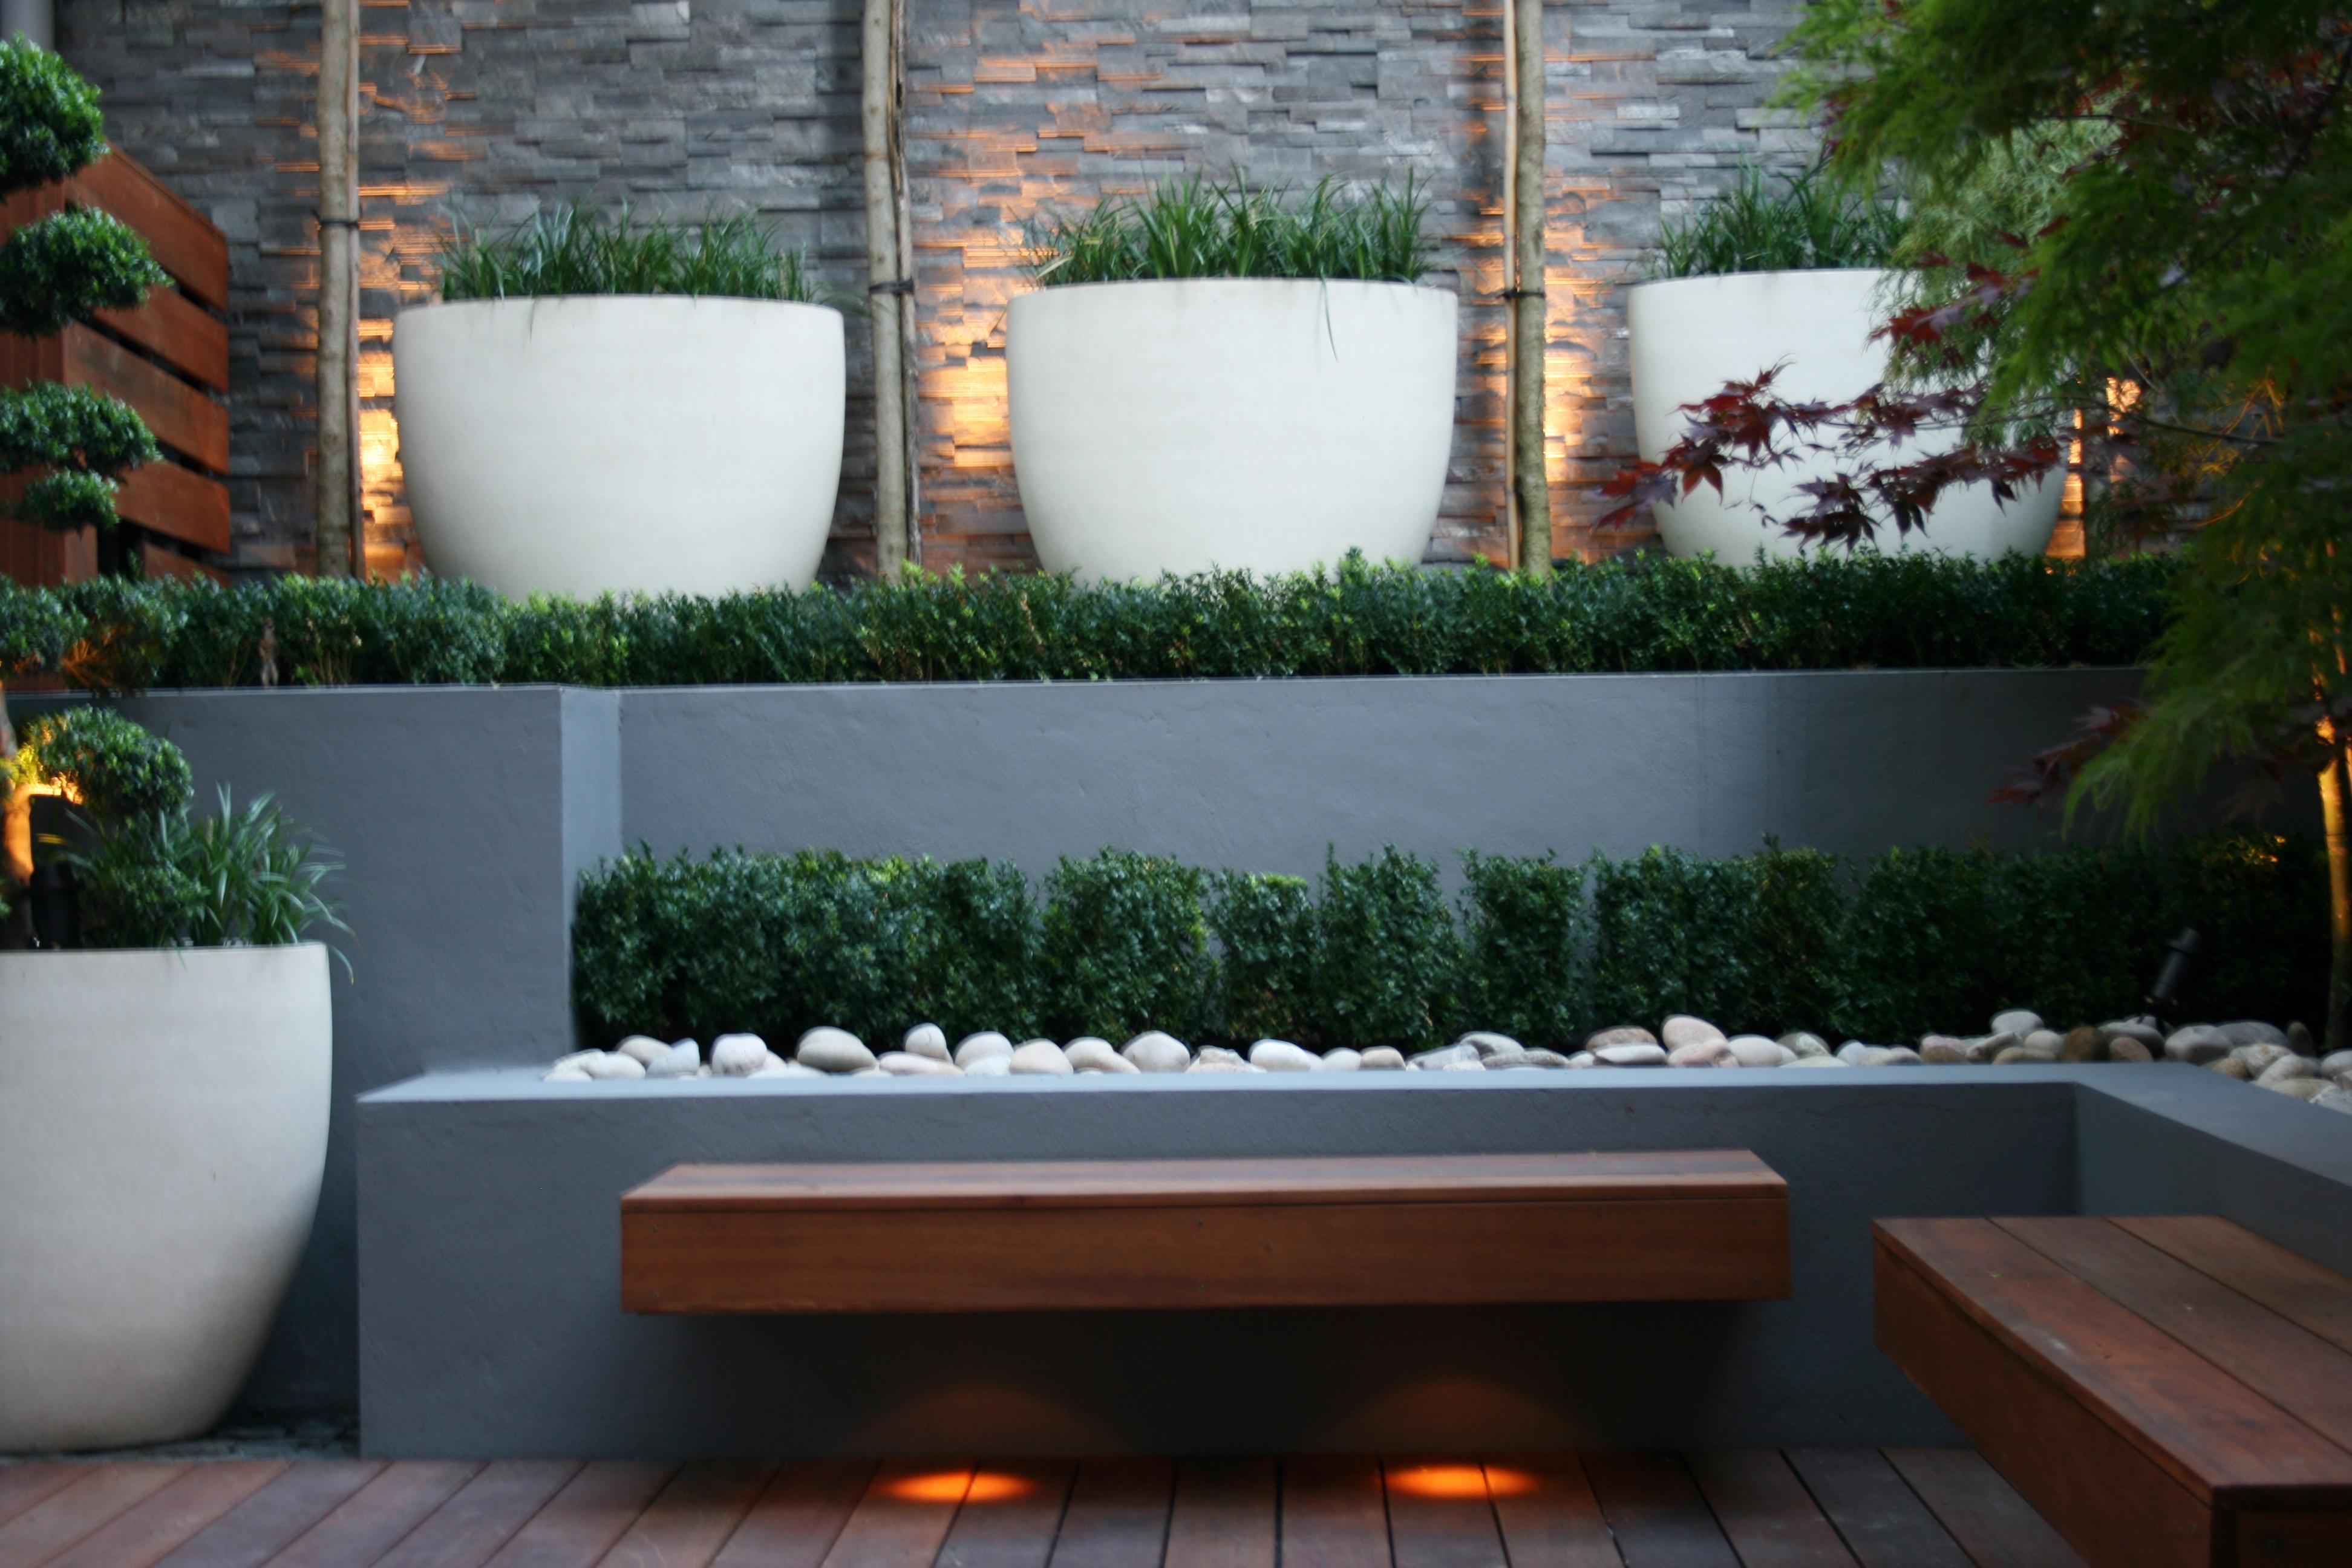 10 Modern Garden Design Ideas Design For Me - Garden-designs-ideas